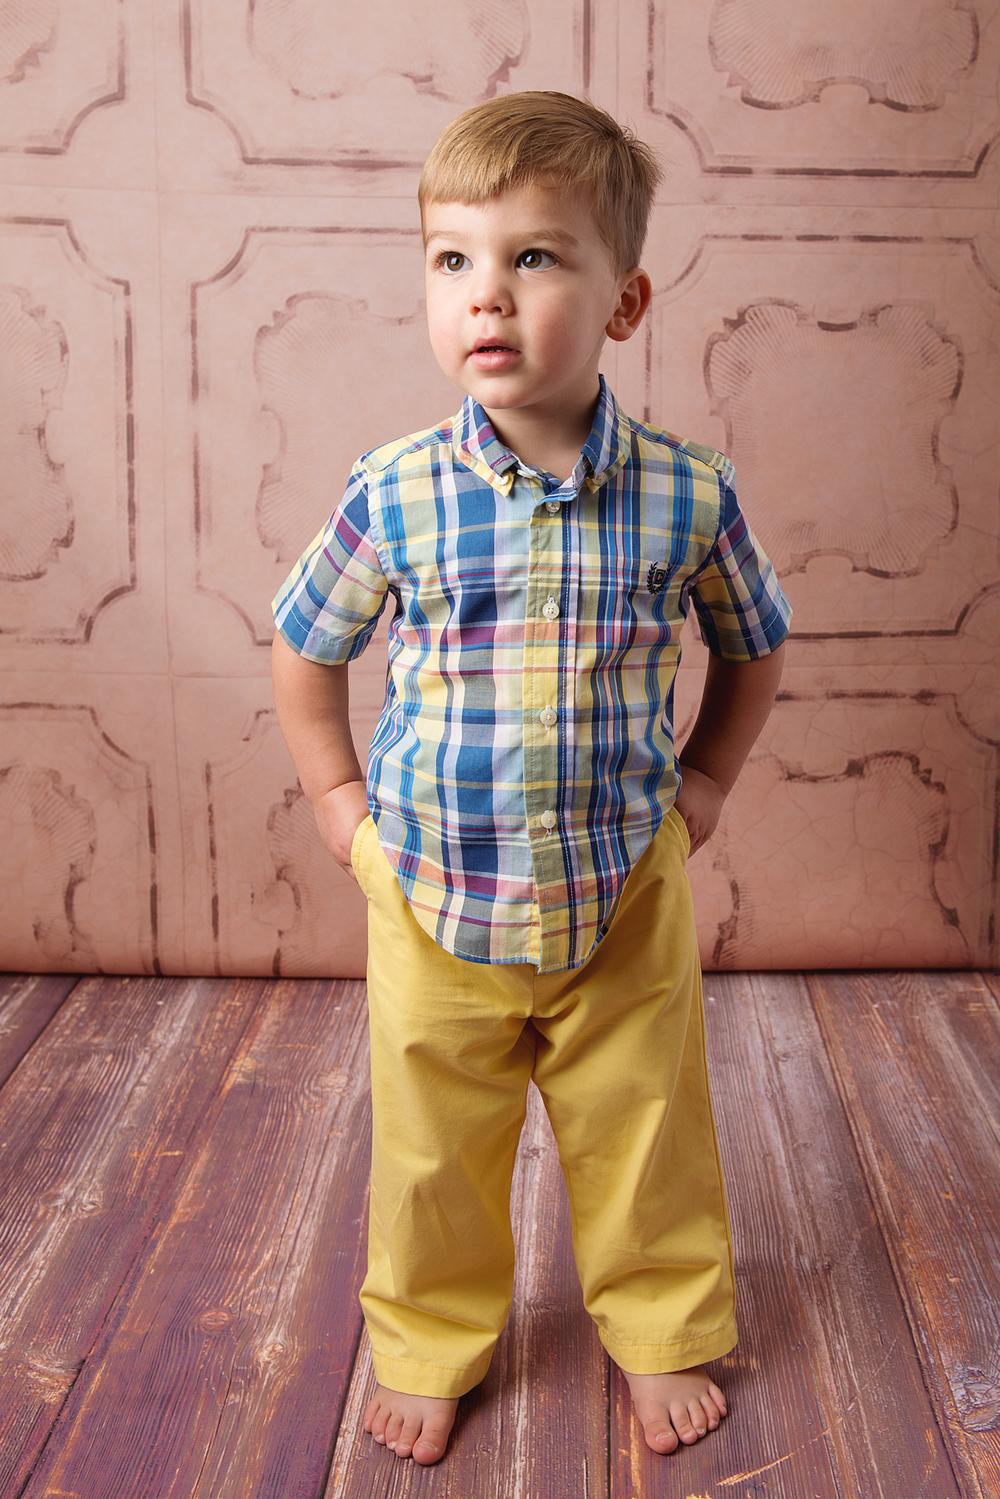 children's photographer-3.jpg